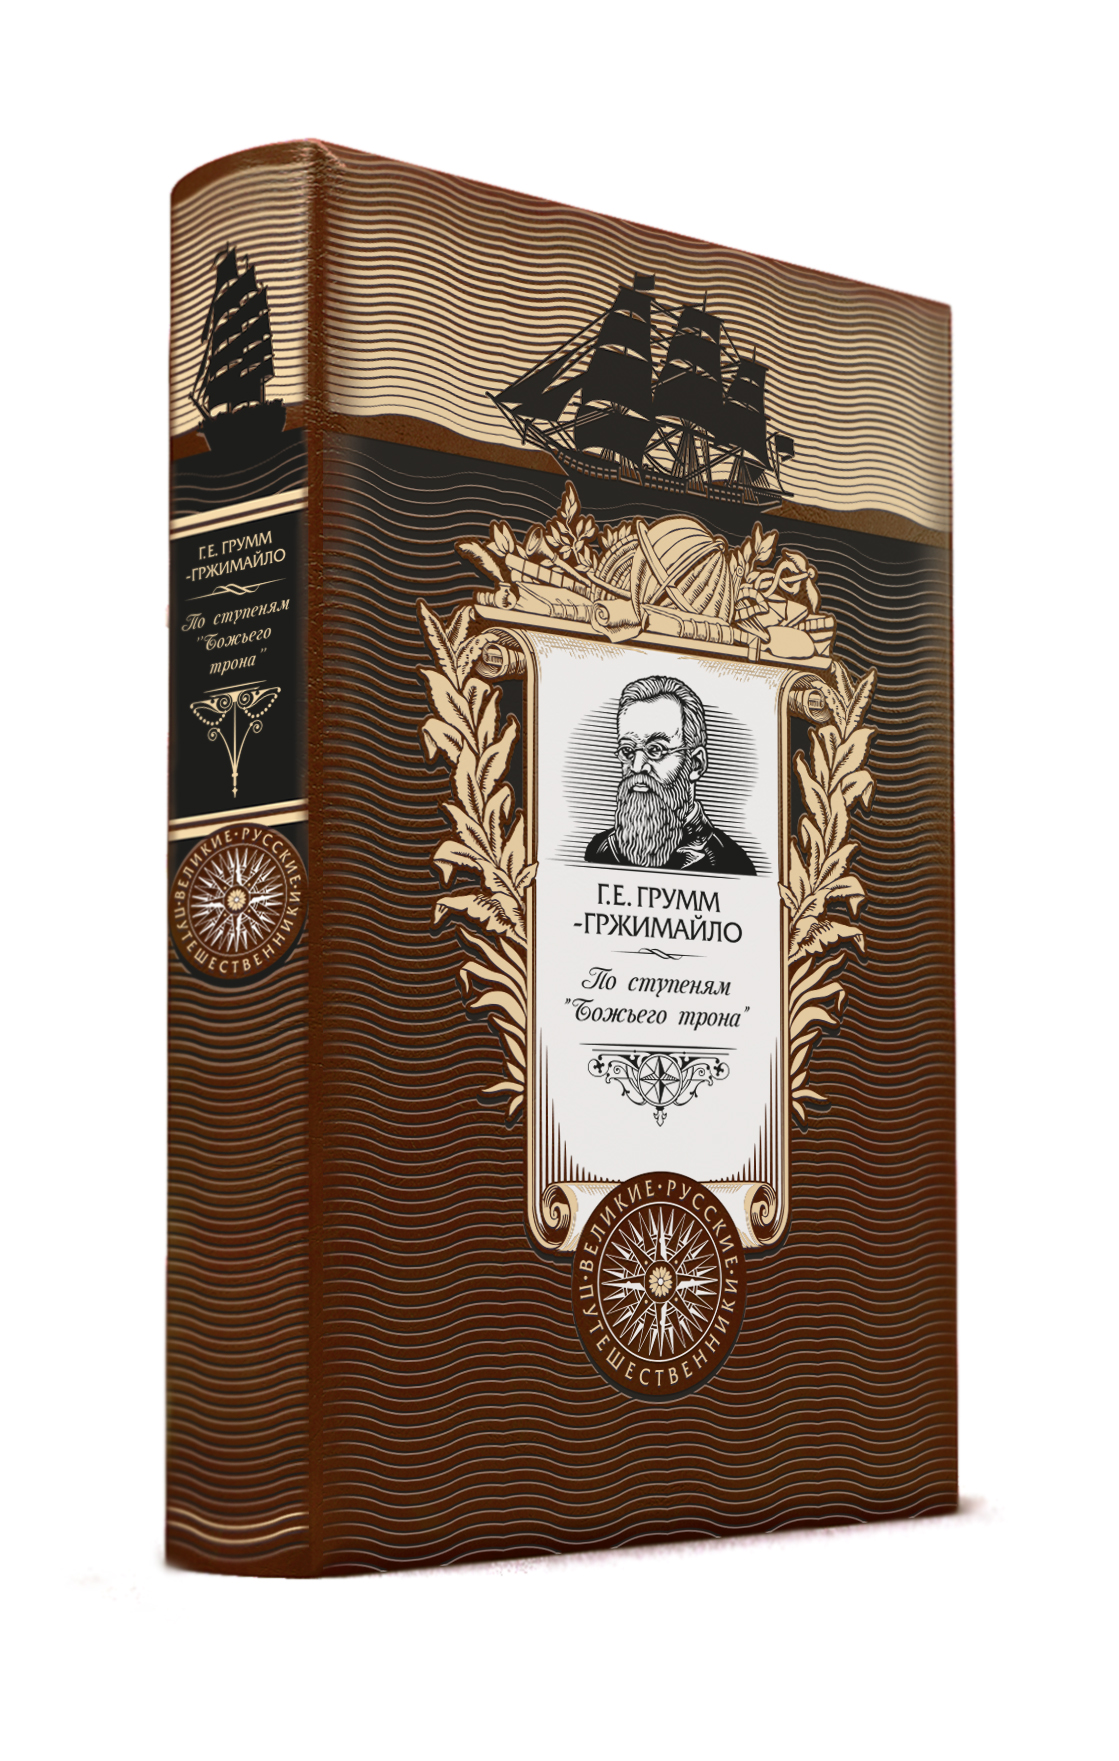 Грумм-Гржимайло Г.Е. По ступеням «Божьего трона». Книга в коллекционном кожаном переплете ручной работы с золоченым обрезом и с портретом автора цены онлайн